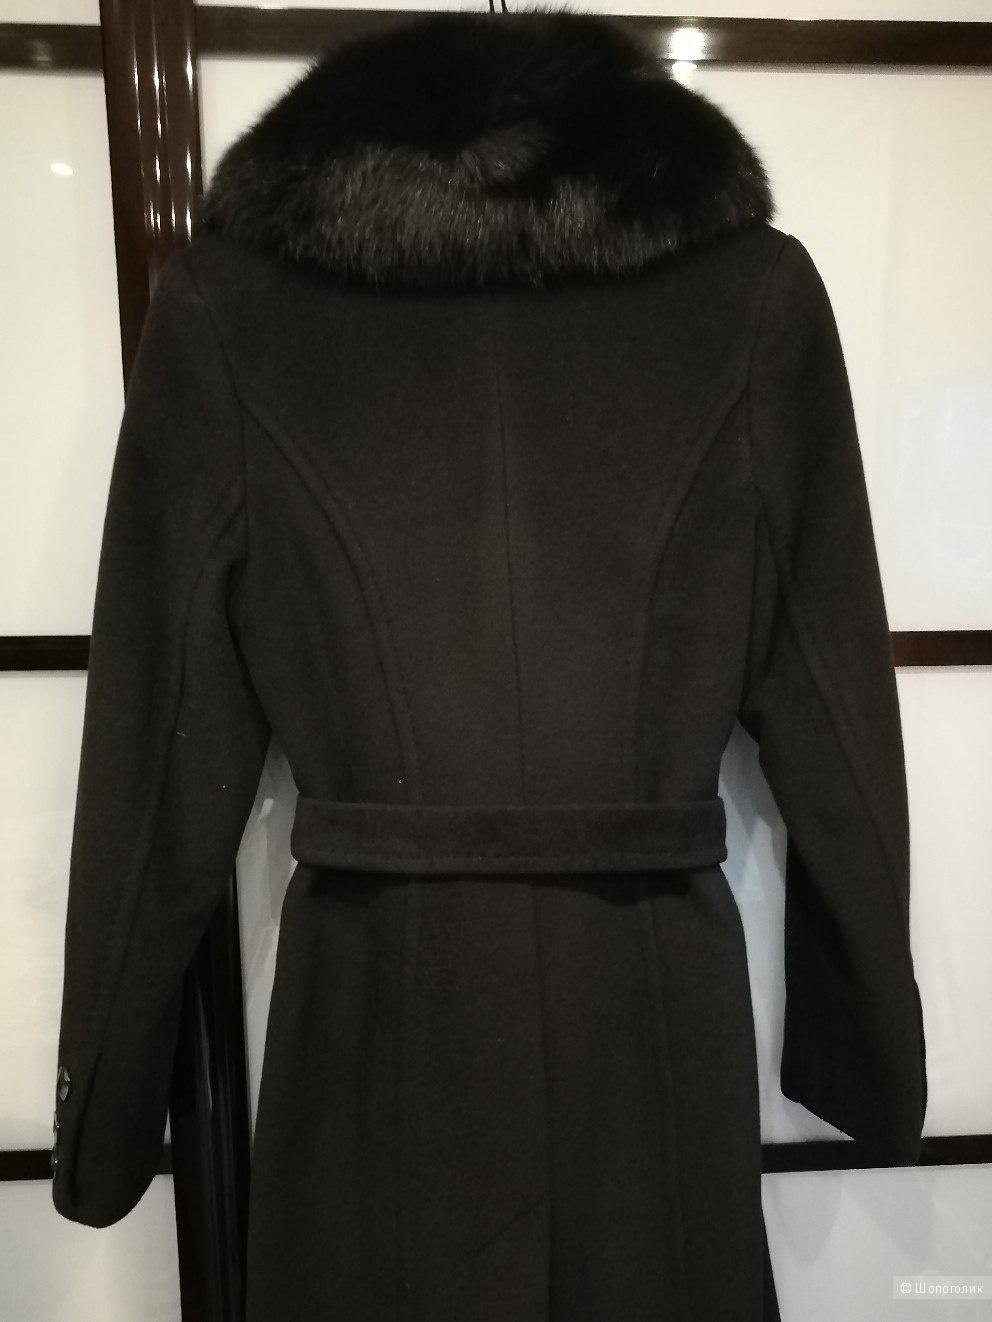 Зимнее драповое пальто (шерсть) с воротником из песца размер 44